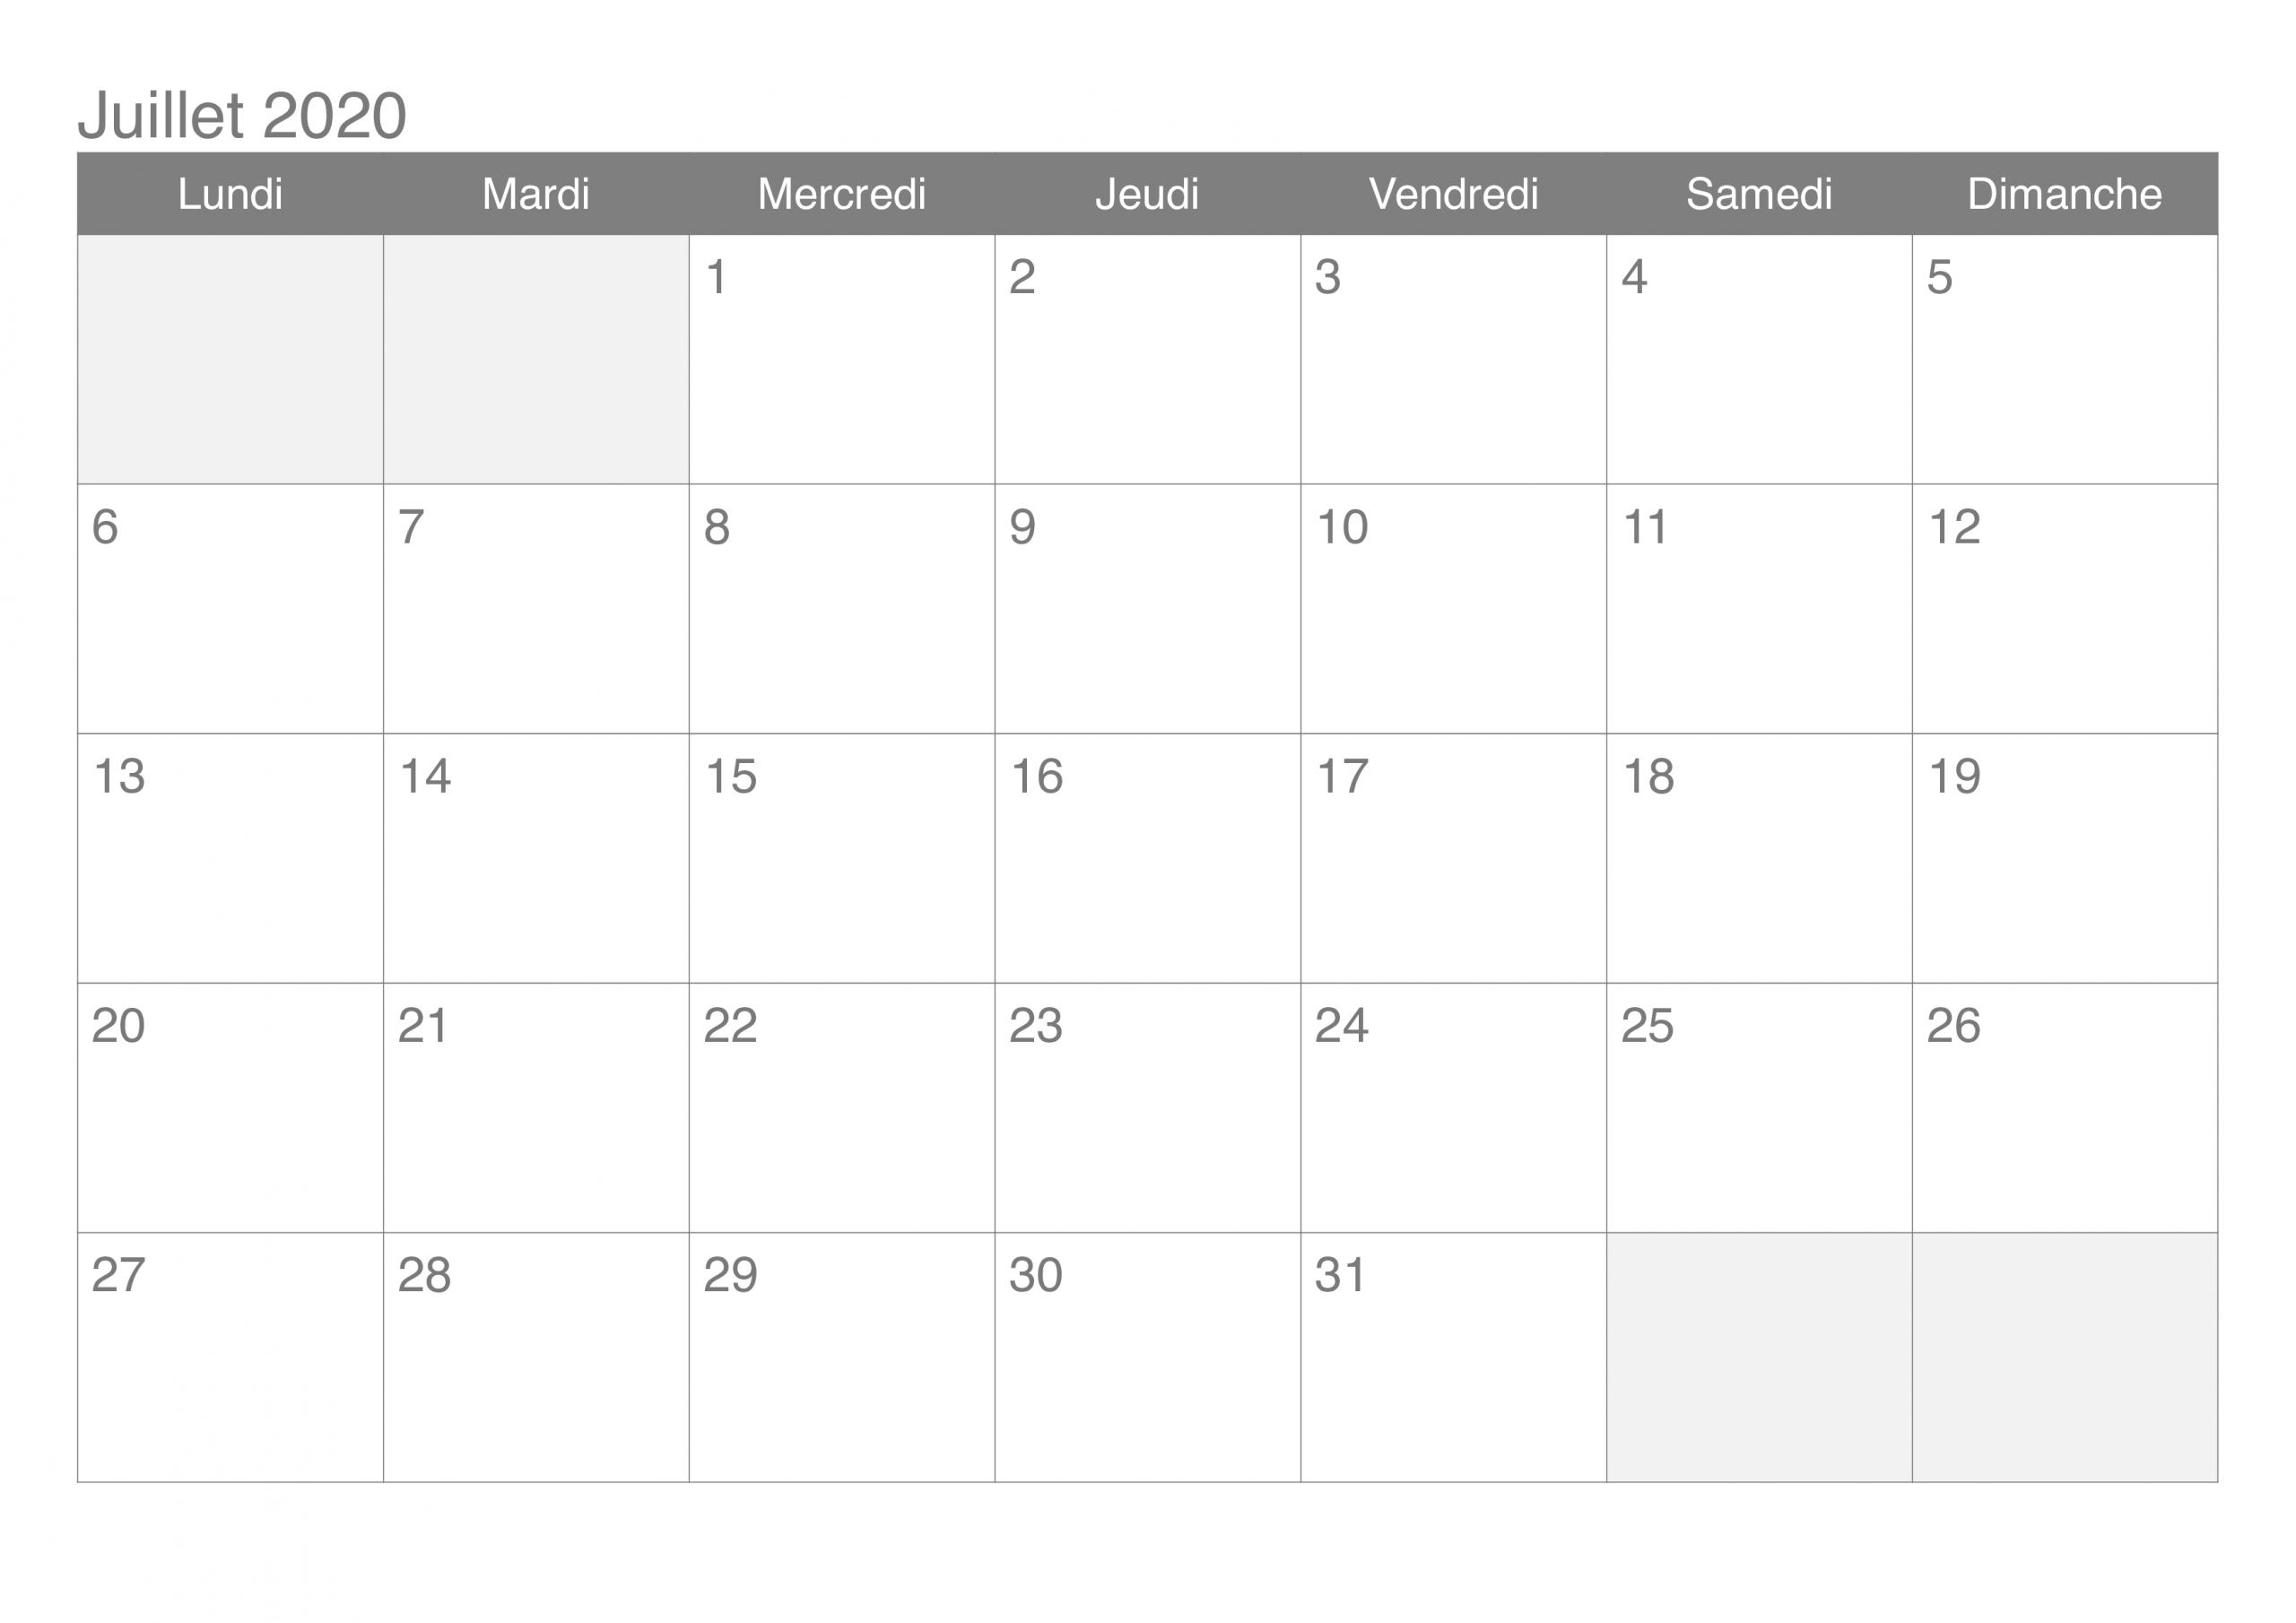 Calendrier Juillet 2020 Vacances À Imprimer – Pdf, Excel intérieur Calendrier 2019 Avec Jours Fériés Vacances Scolaires À Imprimer